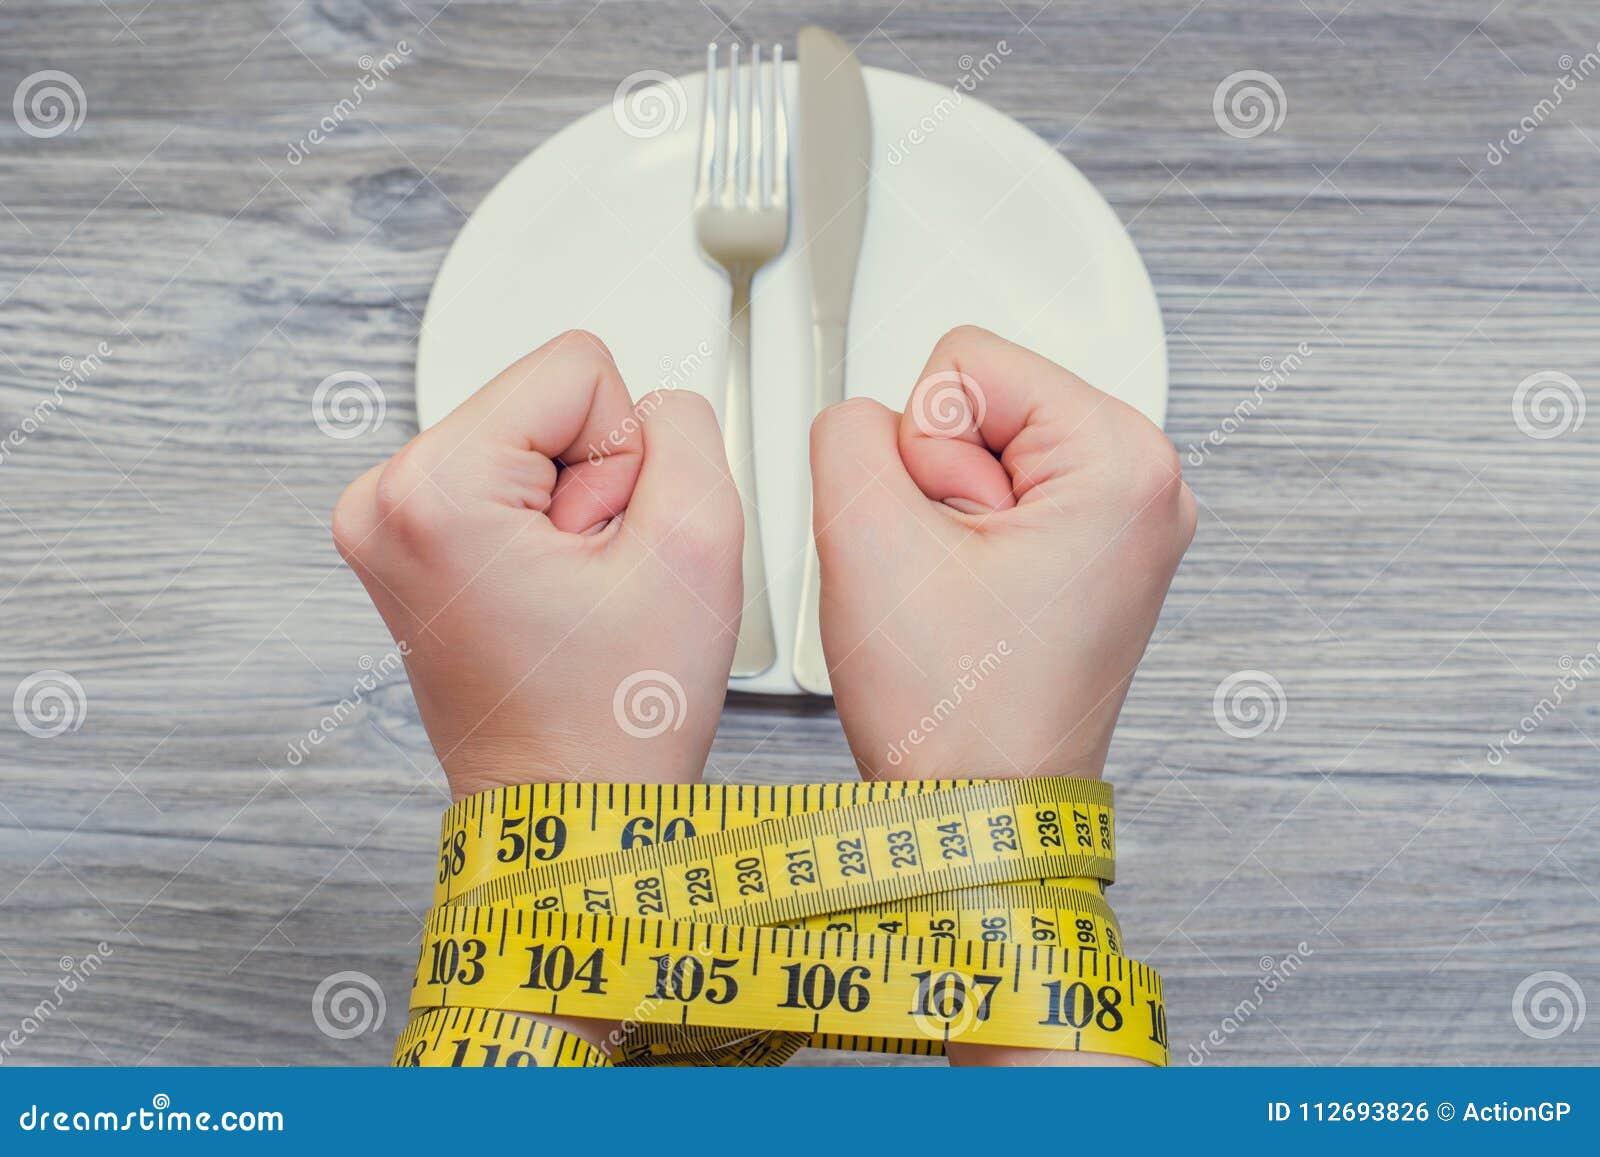 Vård- för äta för kroppomsorg sjukligt bantning för förlust för vikt banta svulten Begrepp av dåliga mathabbits och sjukligt äta